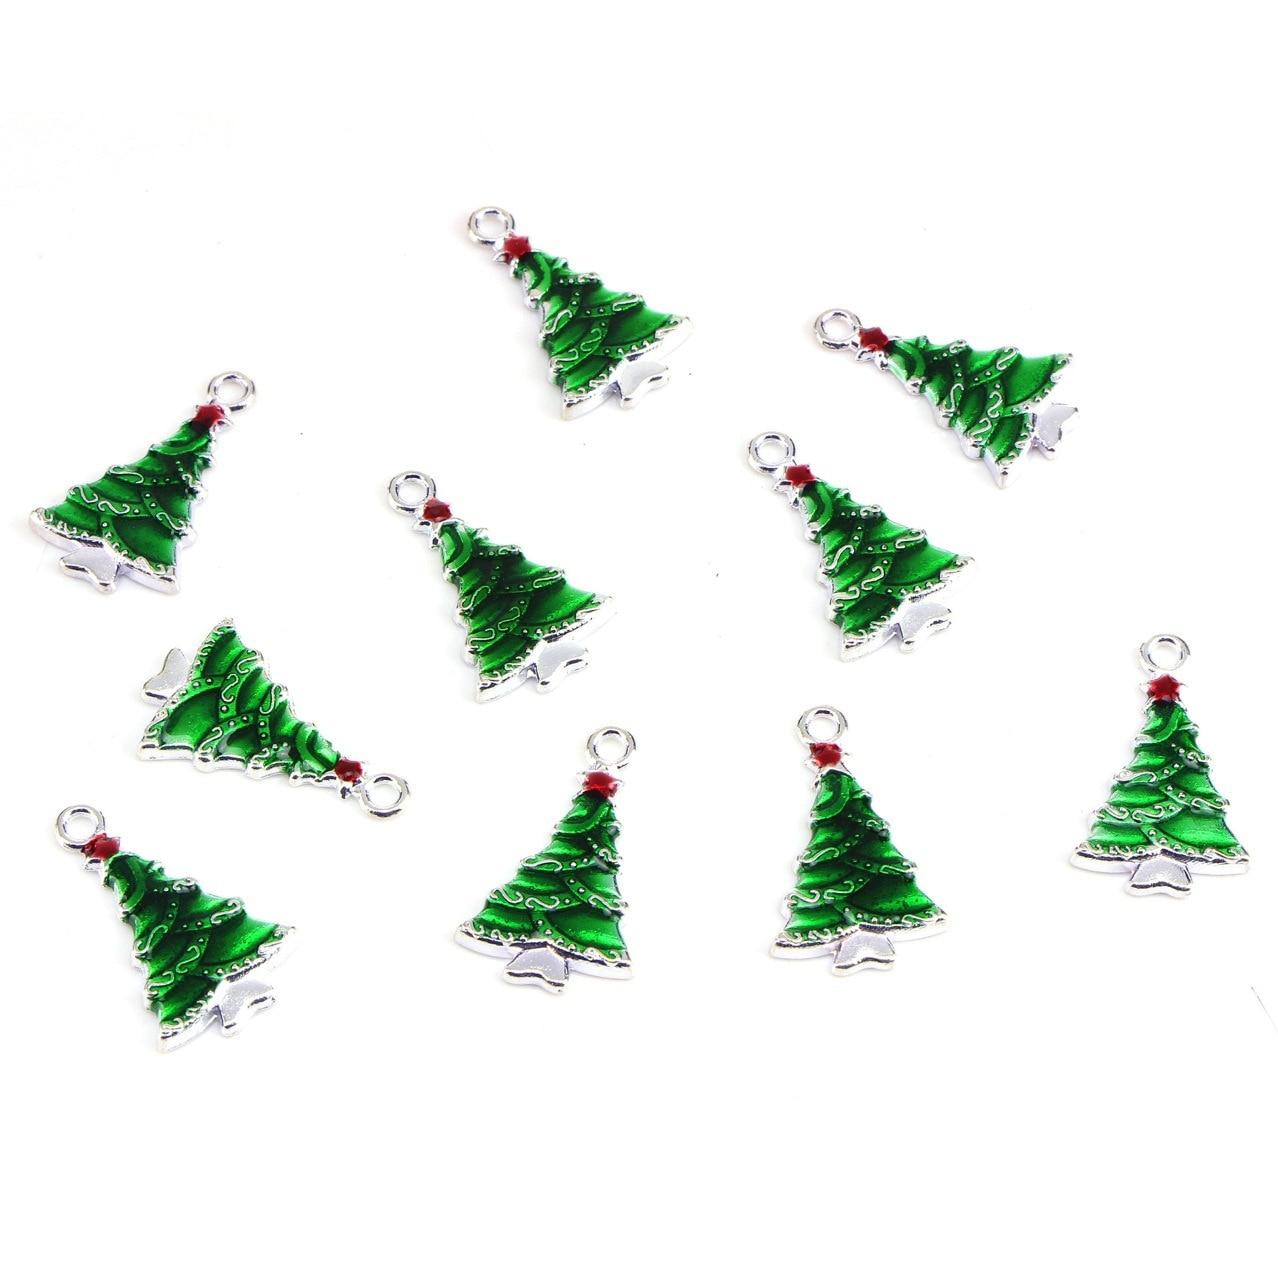 10-шт-лот-зеленая-Рождественская-елка-эмалевые-Подвески-поплавки-diy-Изготовление-ювелирных-изделий-ручной-работы